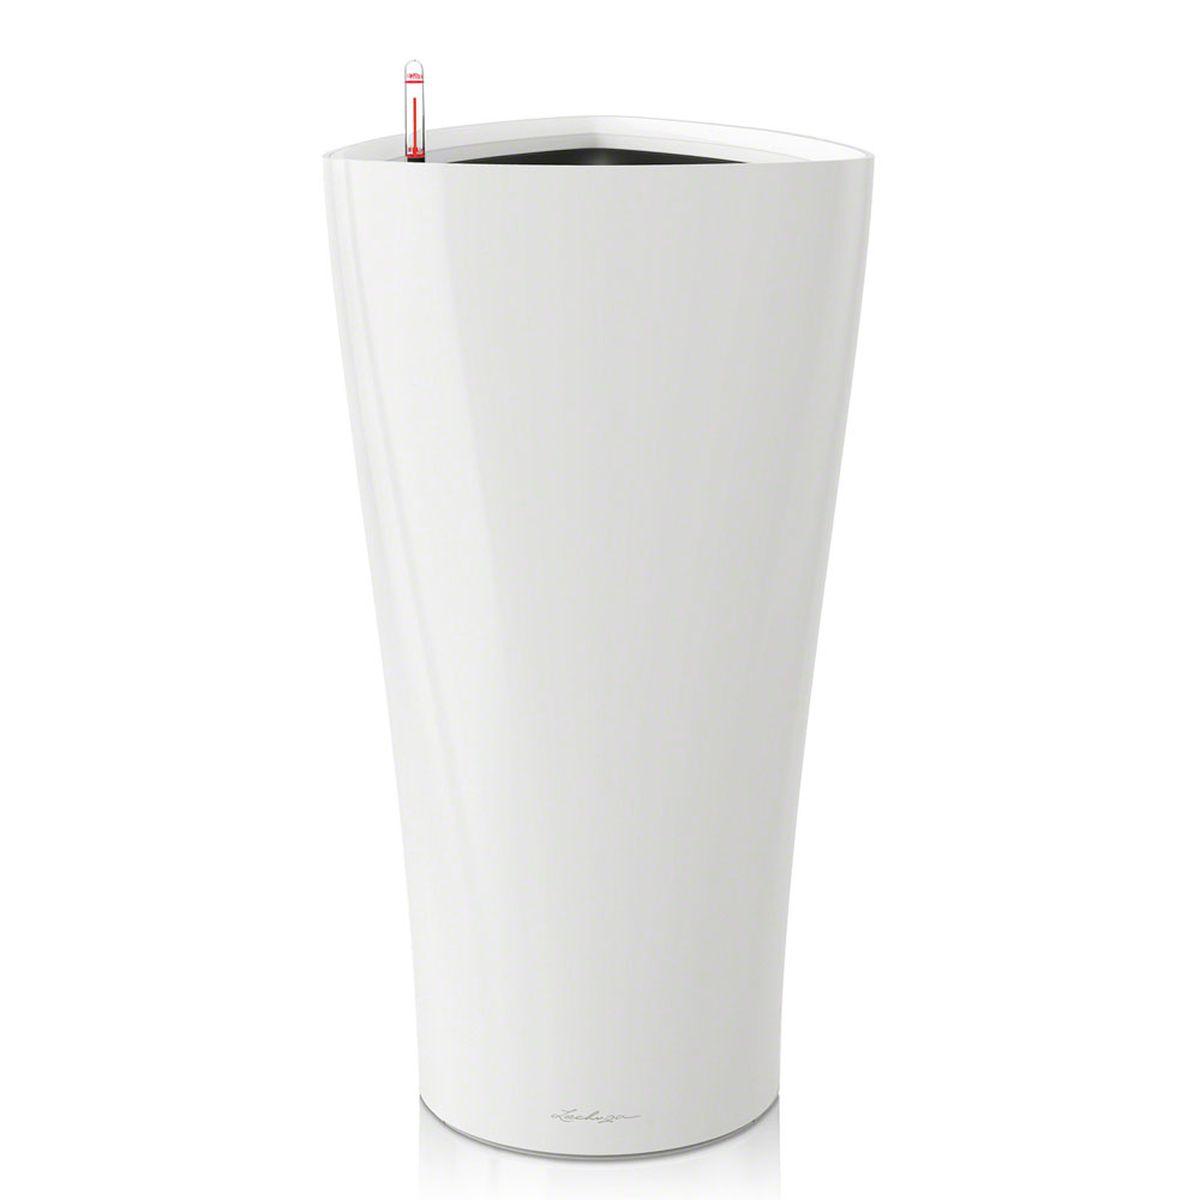 Кашпо Lechuza Delta, с системой автополива, цвет: белый, 30 х 30 х 56 см15500Кашпо Lechuza Delta, выполненное из высококачественного пластика, имеет уникальную систему автополива, благодаря которой корневая система растения непрерывно снабжается влагой из резервуара. Уровень воды в резервуаре контролируется с помощью специального индикатора. В зависимости от размера кашпо и растения воды хватает на 2-12 недель. Это способствует хорошему росту цветов и предотвращает переувлажнение.В набор входит: кашпо, внутренний горшок, индикатор уровня воды, вал подачи воды, субстрат растений в качестве дренажного слоя, резервуар для воды.Кашпо Lechuza Delta прекрасно впишется в любой интерьер. Оно поможет расставить нужные акценты и придаст помещению вид, соответствующий вашим представлениям.